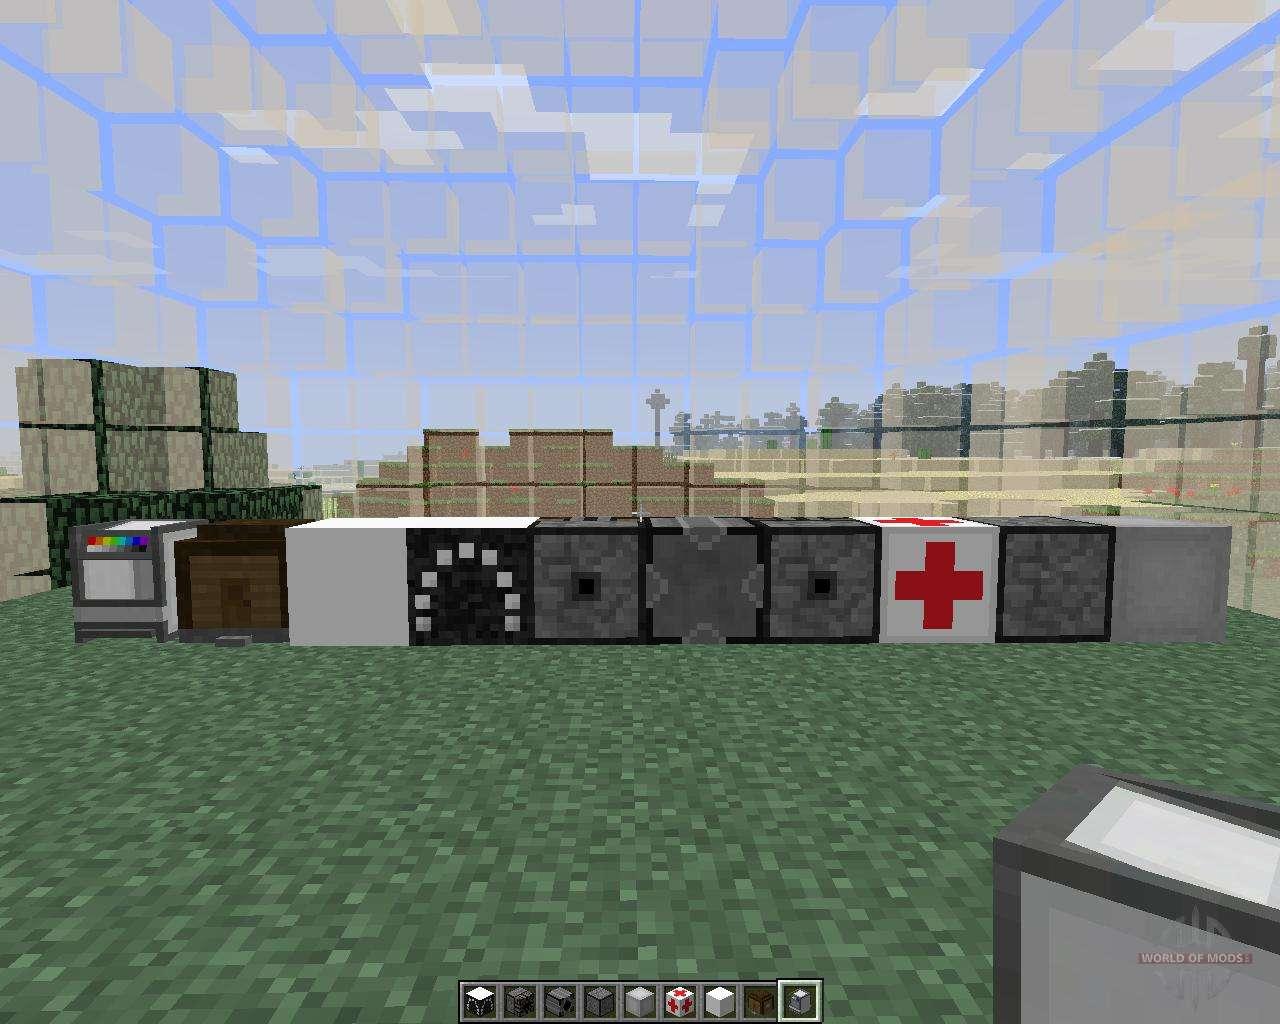 Скачать мод openblocks для minecraft 1.7 10